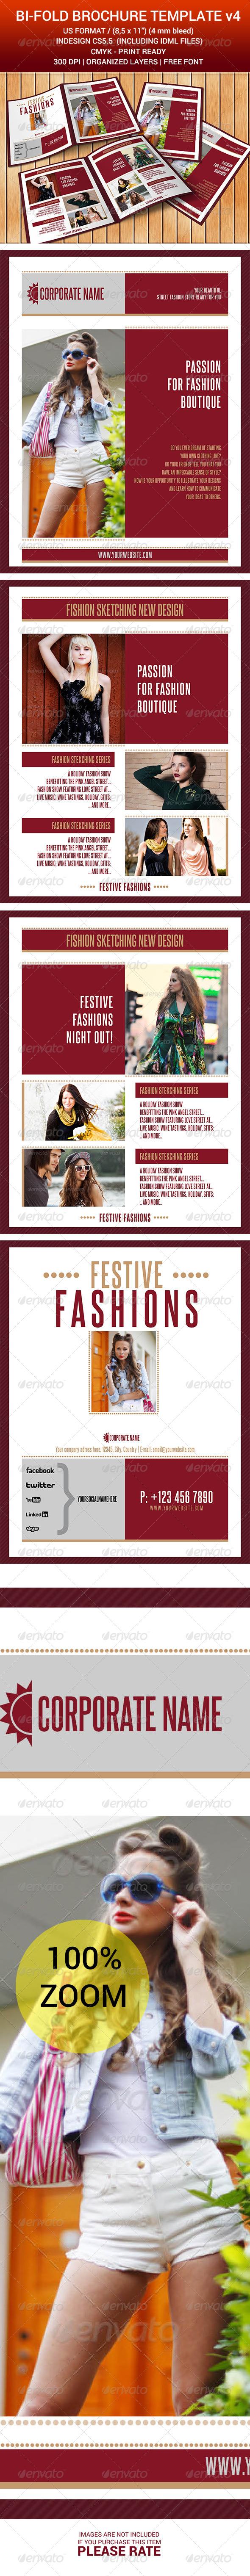 GraphicRiver Bi-Fold Brochure Indesign Template v4 7073893